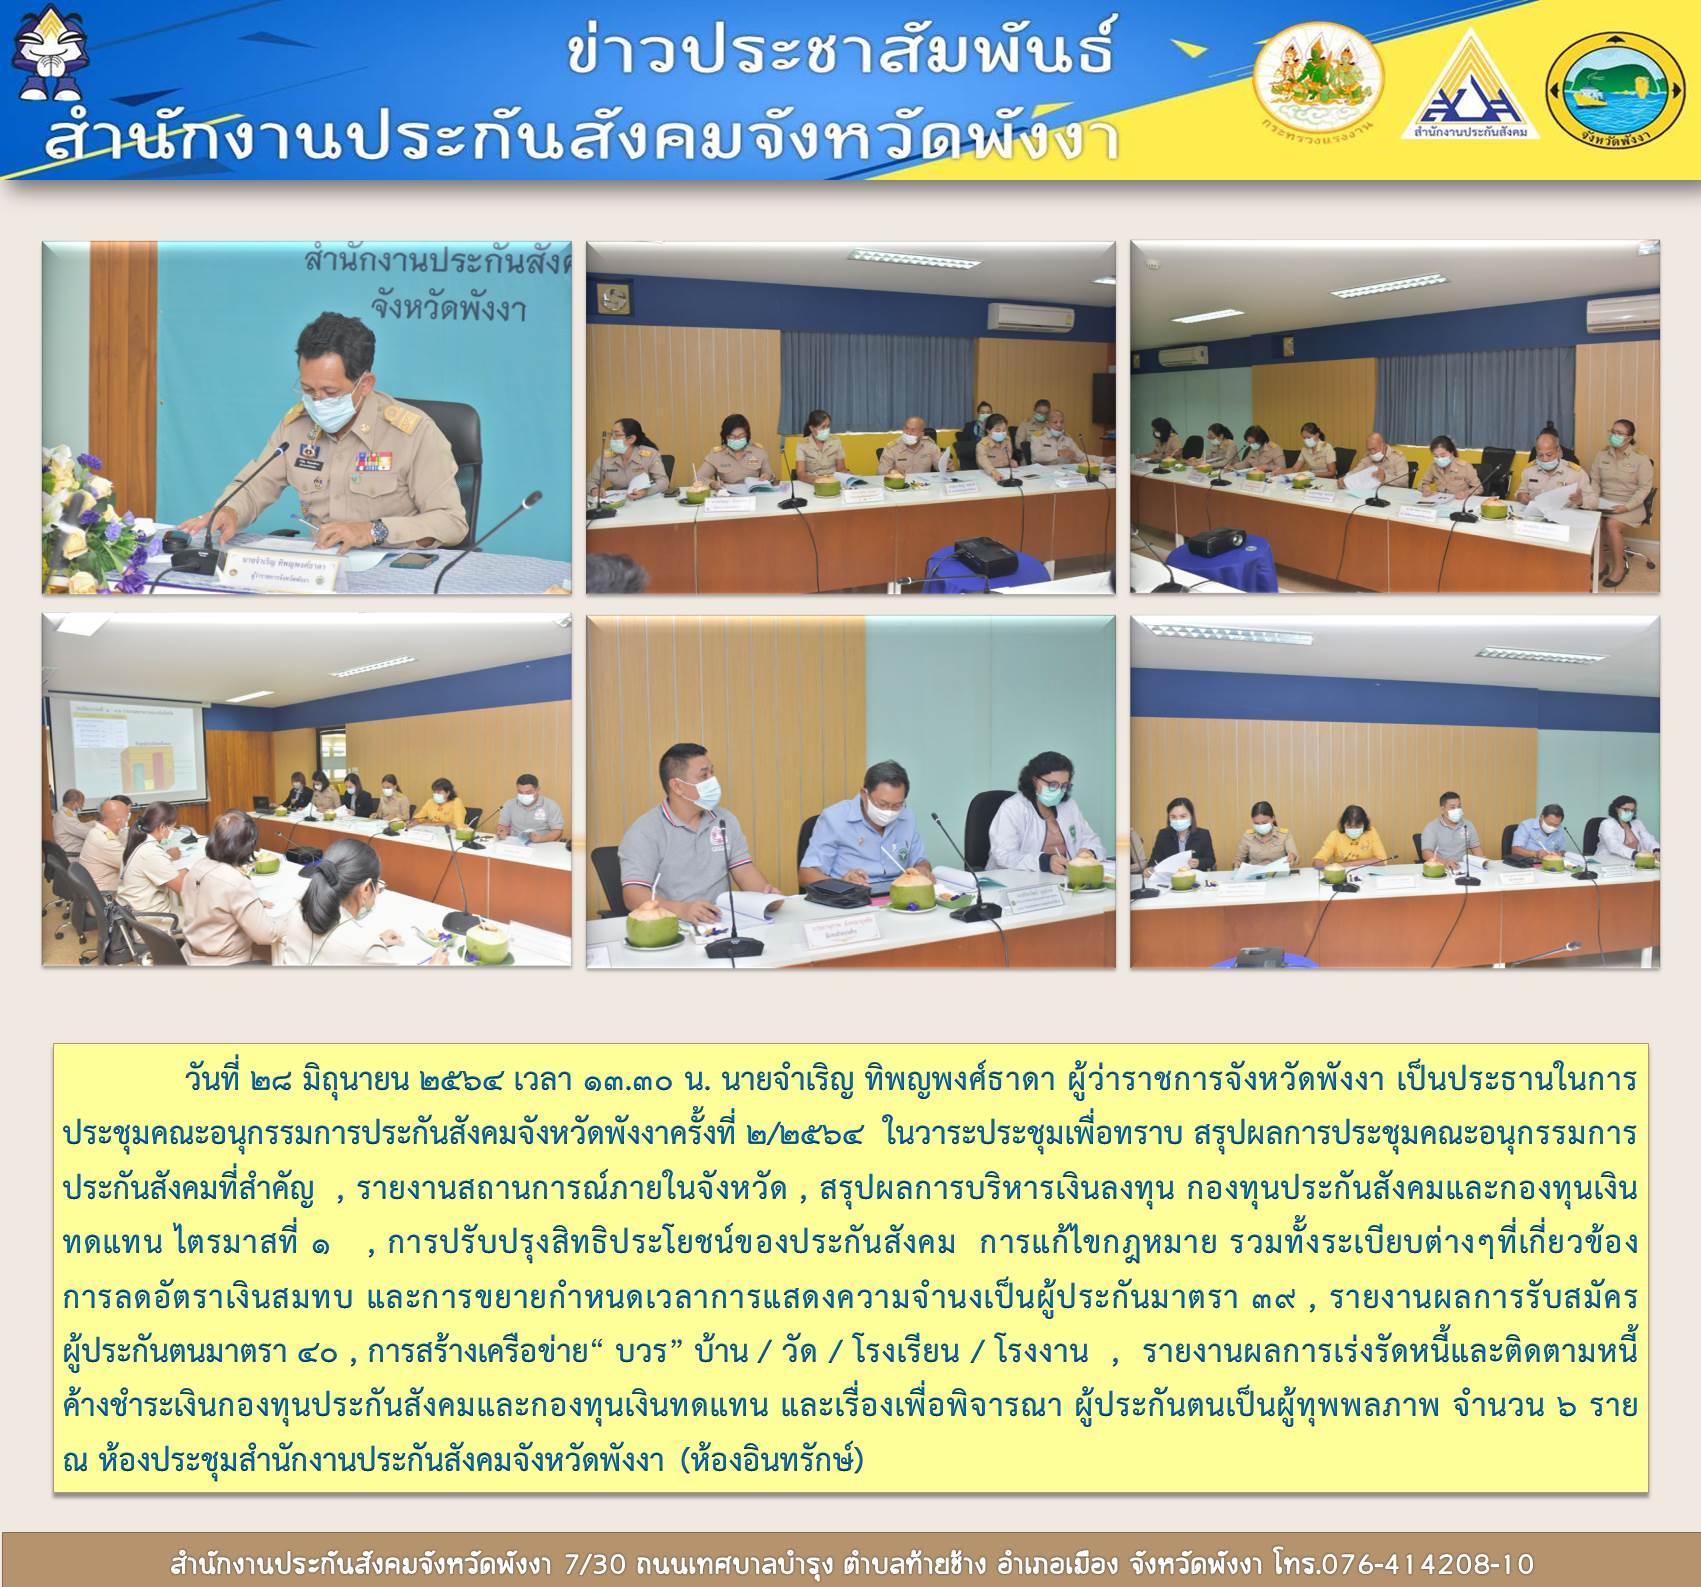 สปส.พังงา ประชุมคณะอนุกรรมการประกันสังคมจังหวัดพังงา ครั้งที่ 2/2564